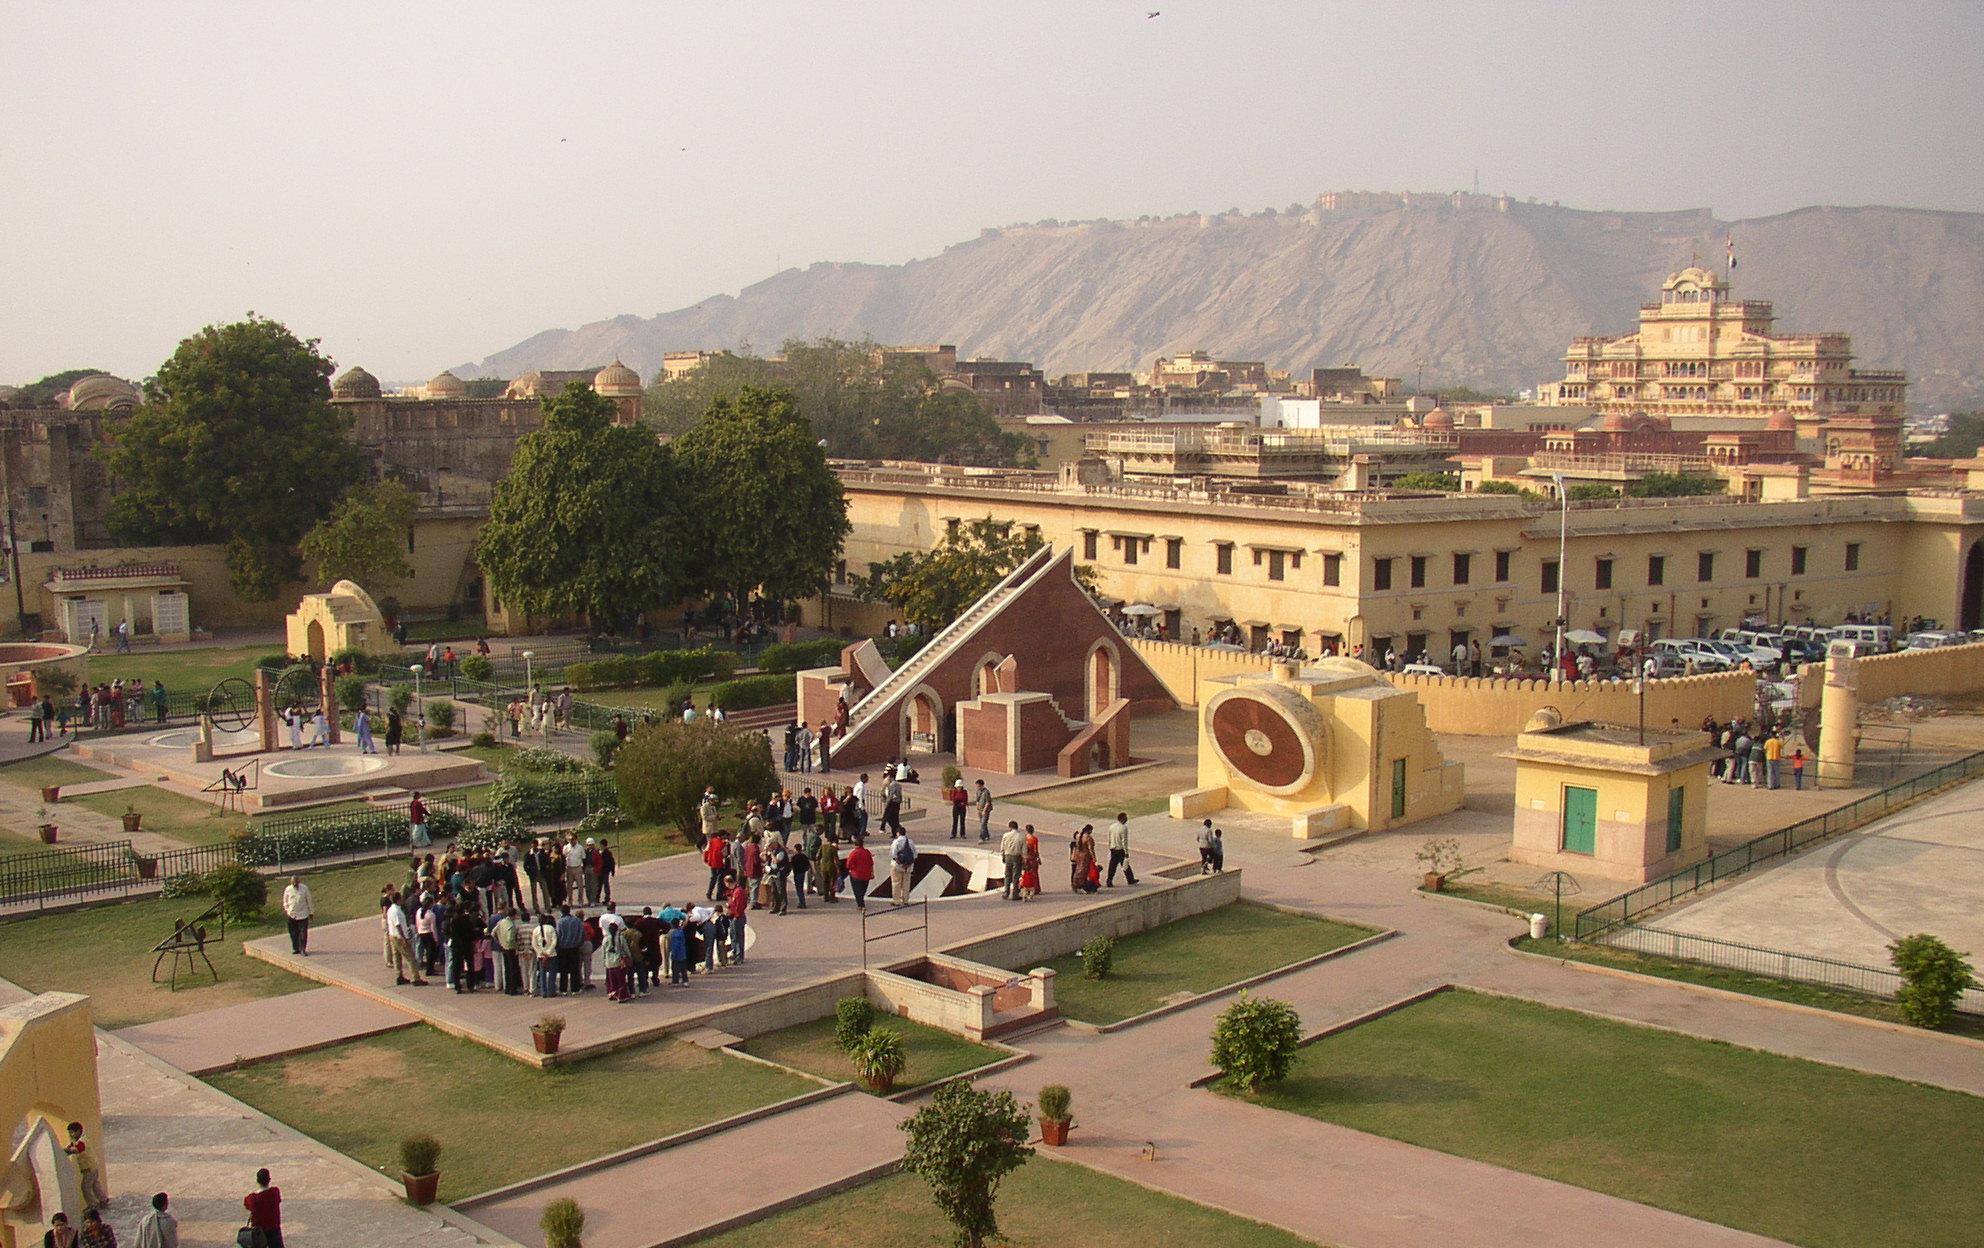 Jaipur Jantar Mantar